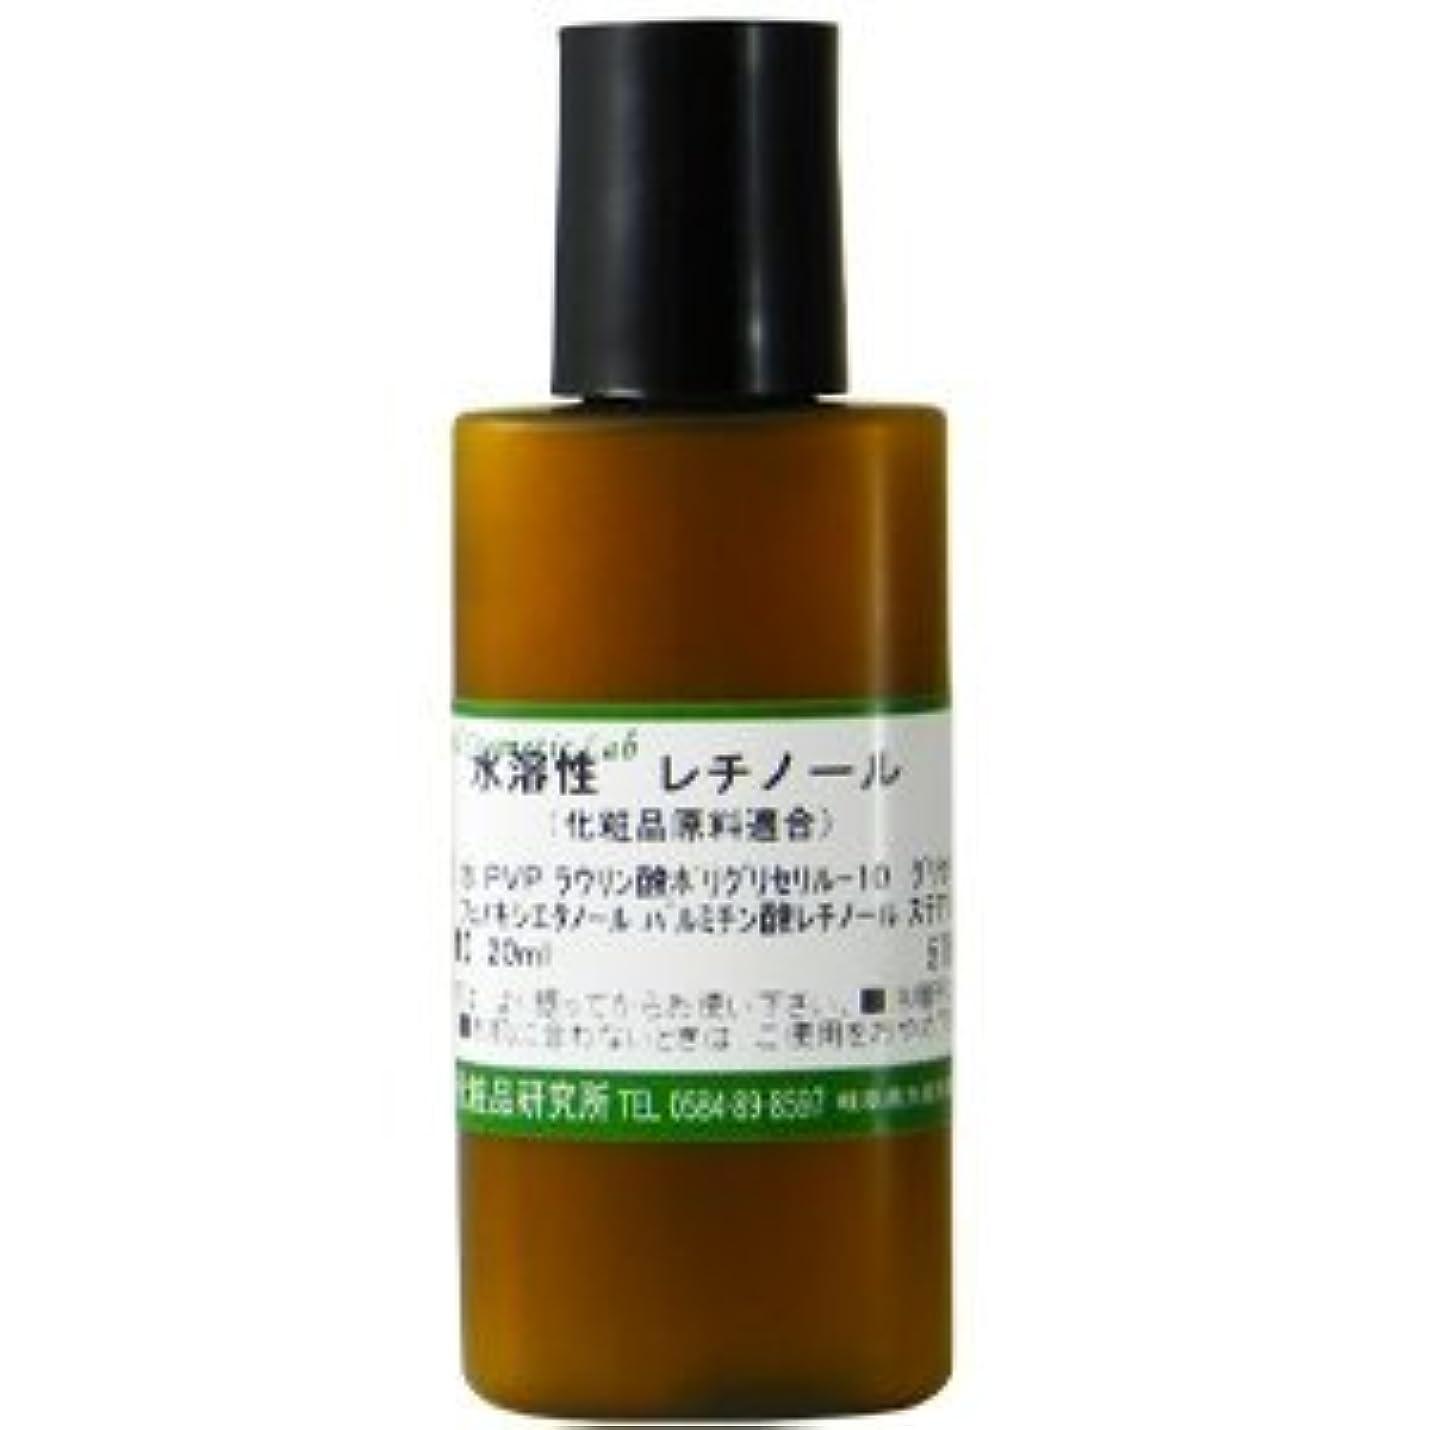 パンダパスタこねる水溶性 レチノール 化粧品原料 20ml